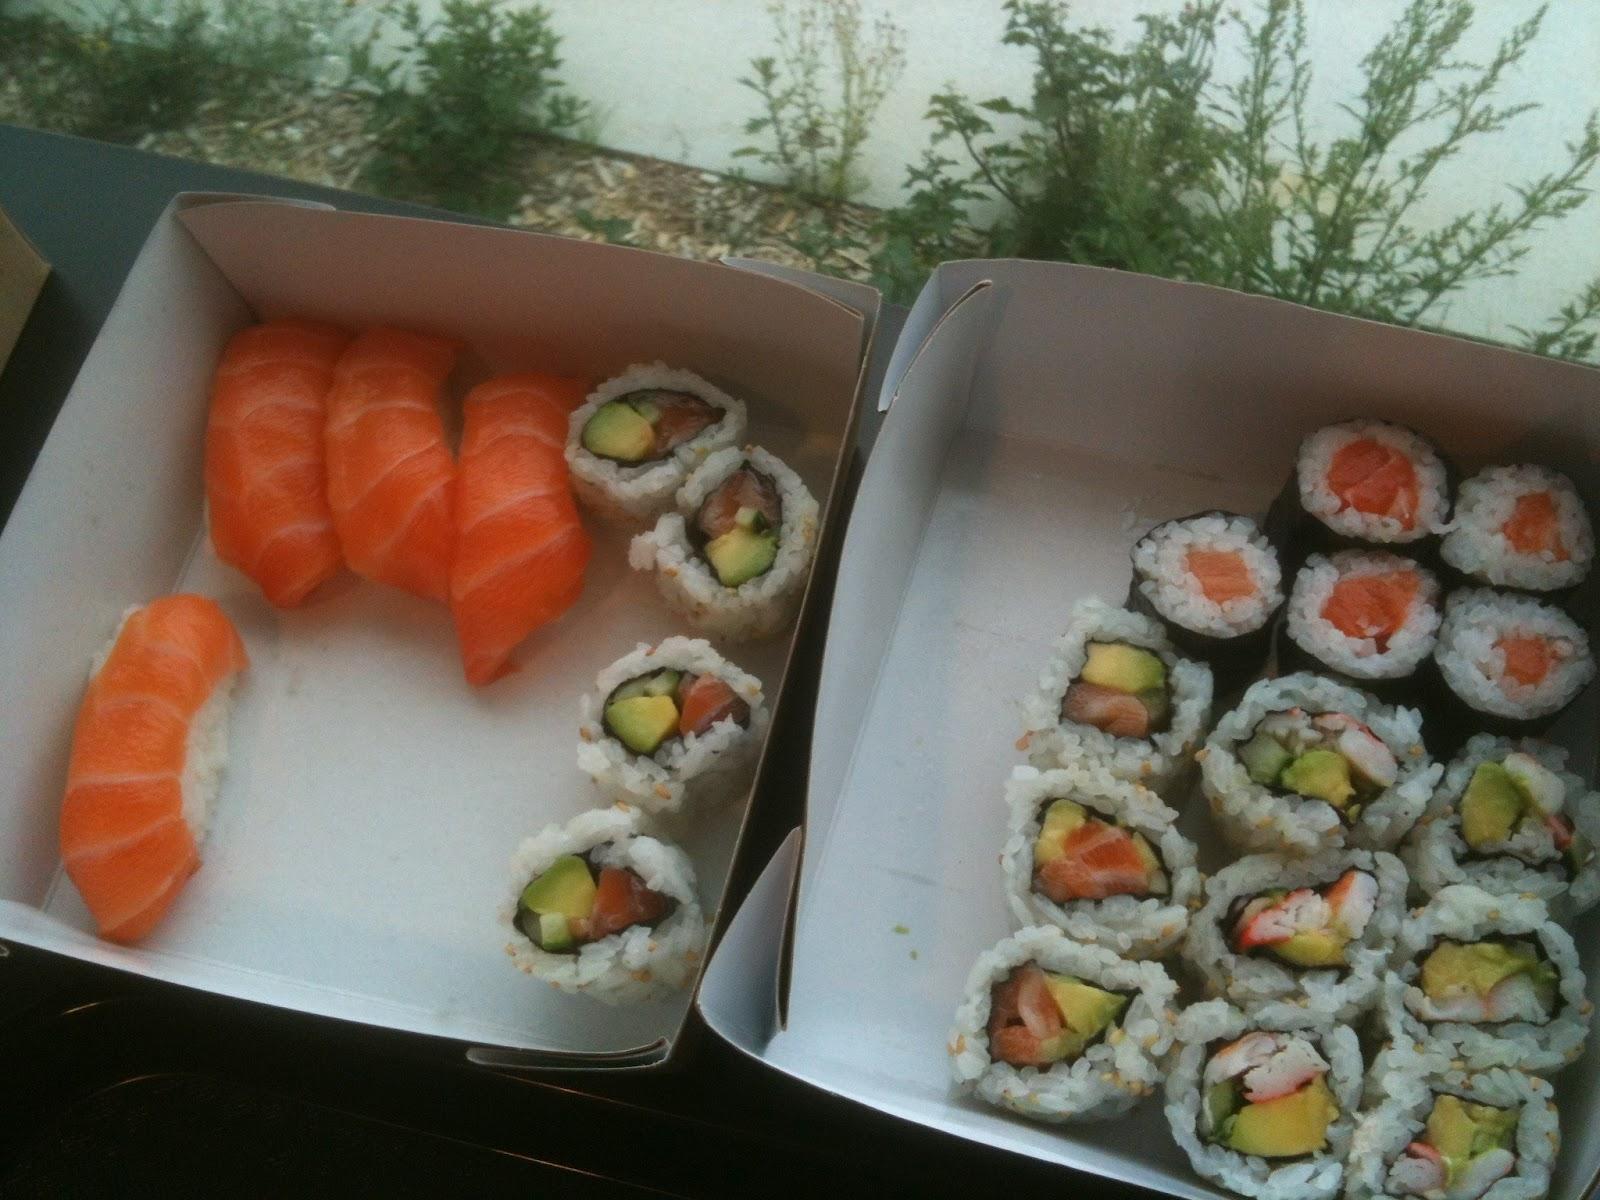 blog d 39 une petite japonaise ta shogun bento nouveau resto sushi saint herblain. Black Bedroom Furniture Sets. Home Design Ideas